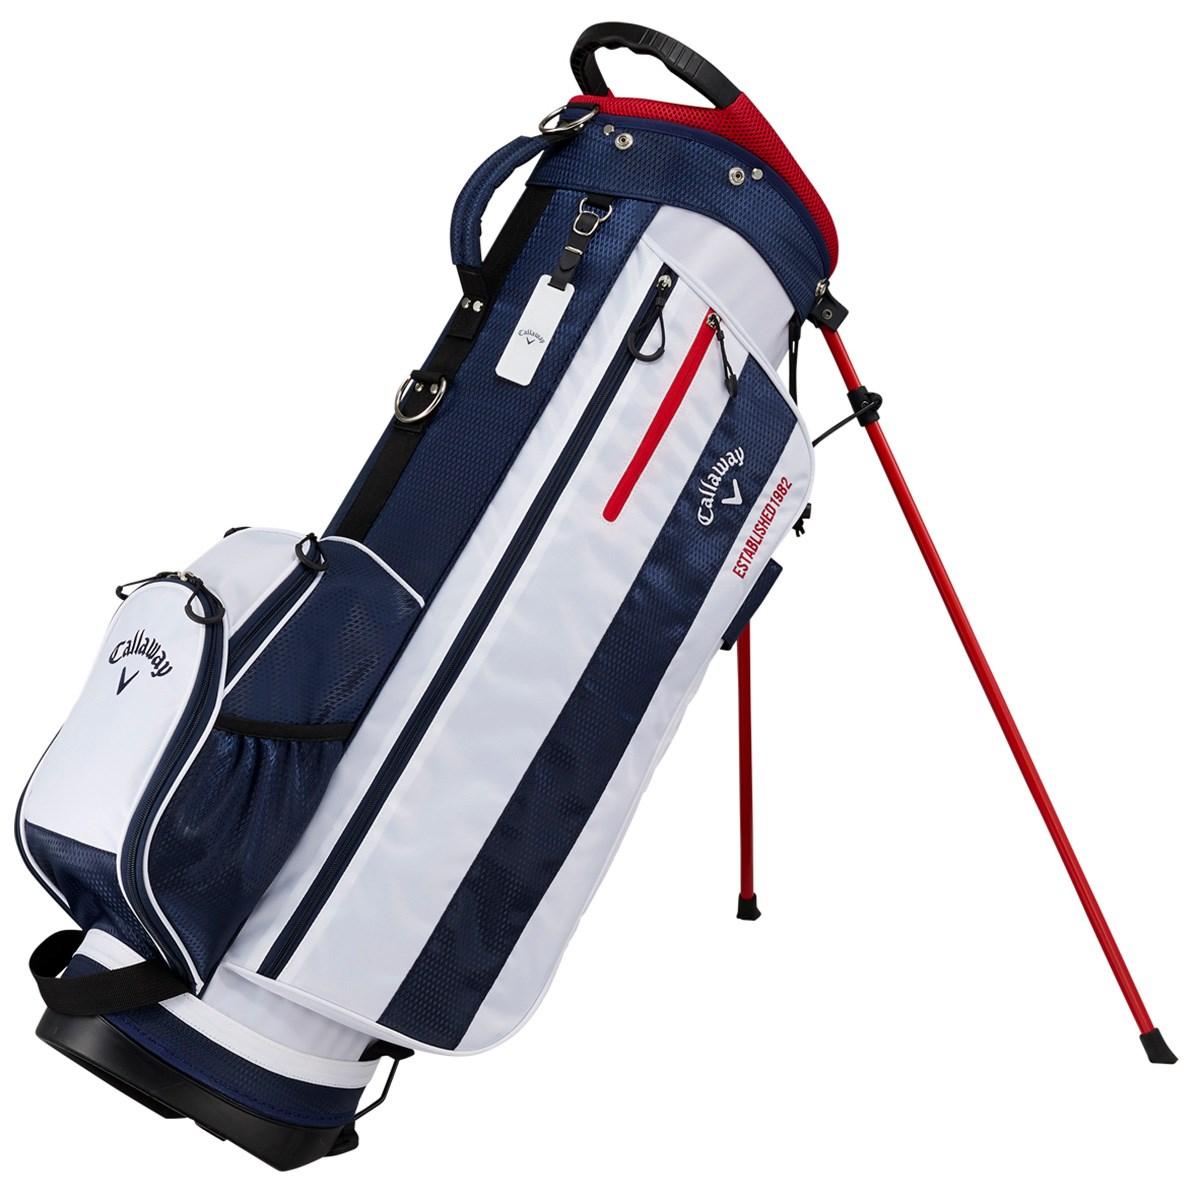 キャロウェイゴルフ Callaway Golf CHEV JM スタンドキャディバッグ ホワイト/ネイビー